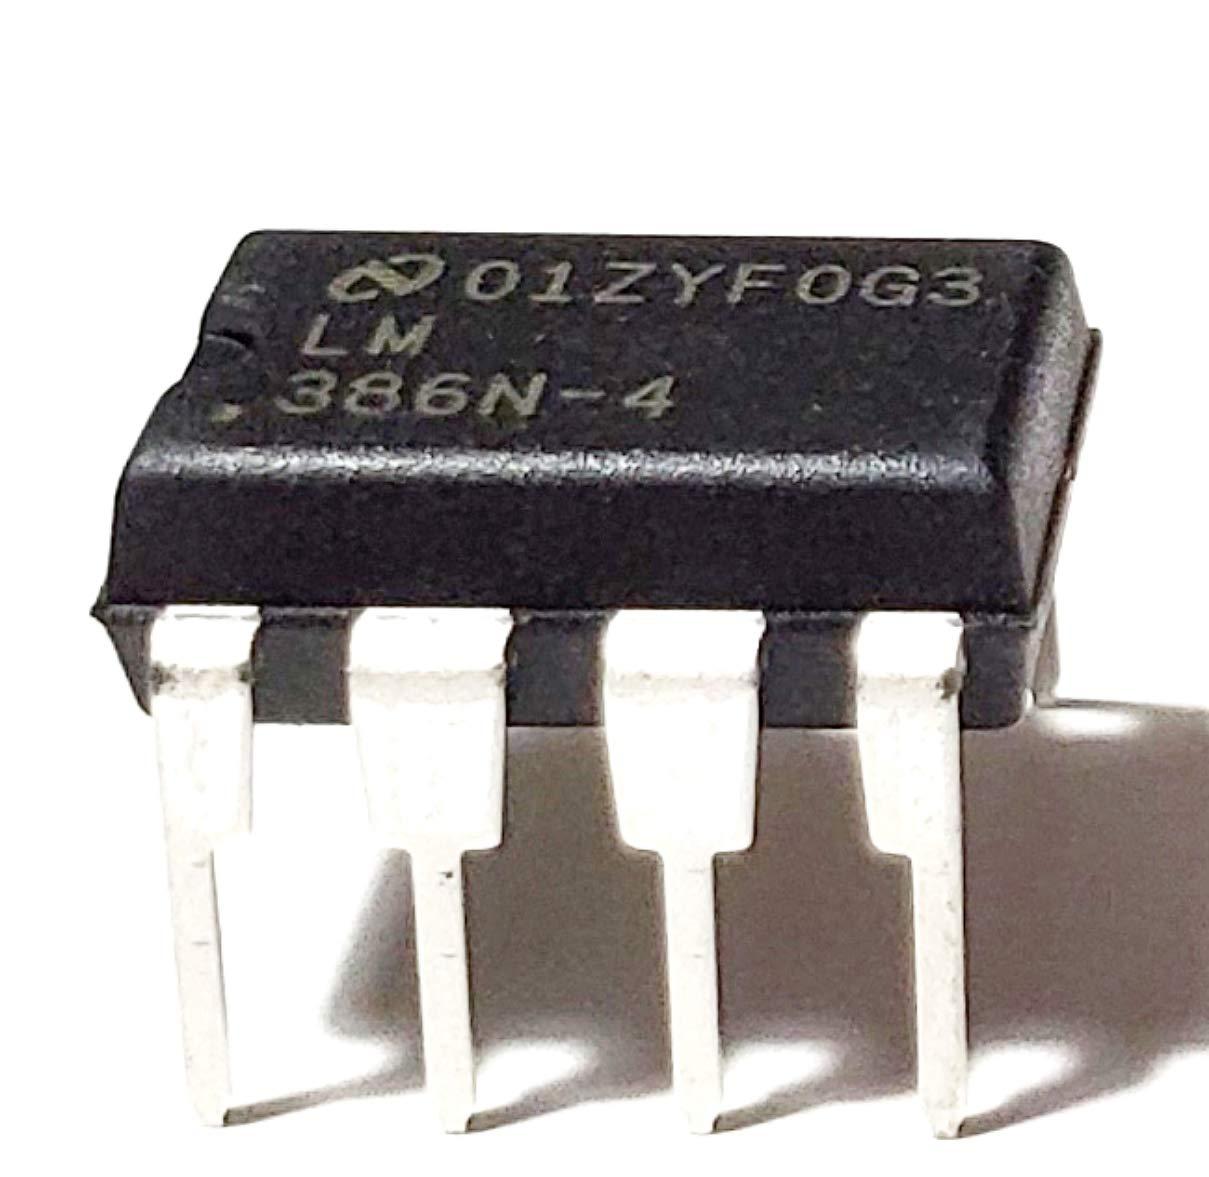 Juried Engineering LM386N-4/NOPB LM386N-4 LM386 Wide Input Voltage Low Power Audio Amplifier with Internal Gain DIP-8 Breadboard-Friendly (Pack of 15)